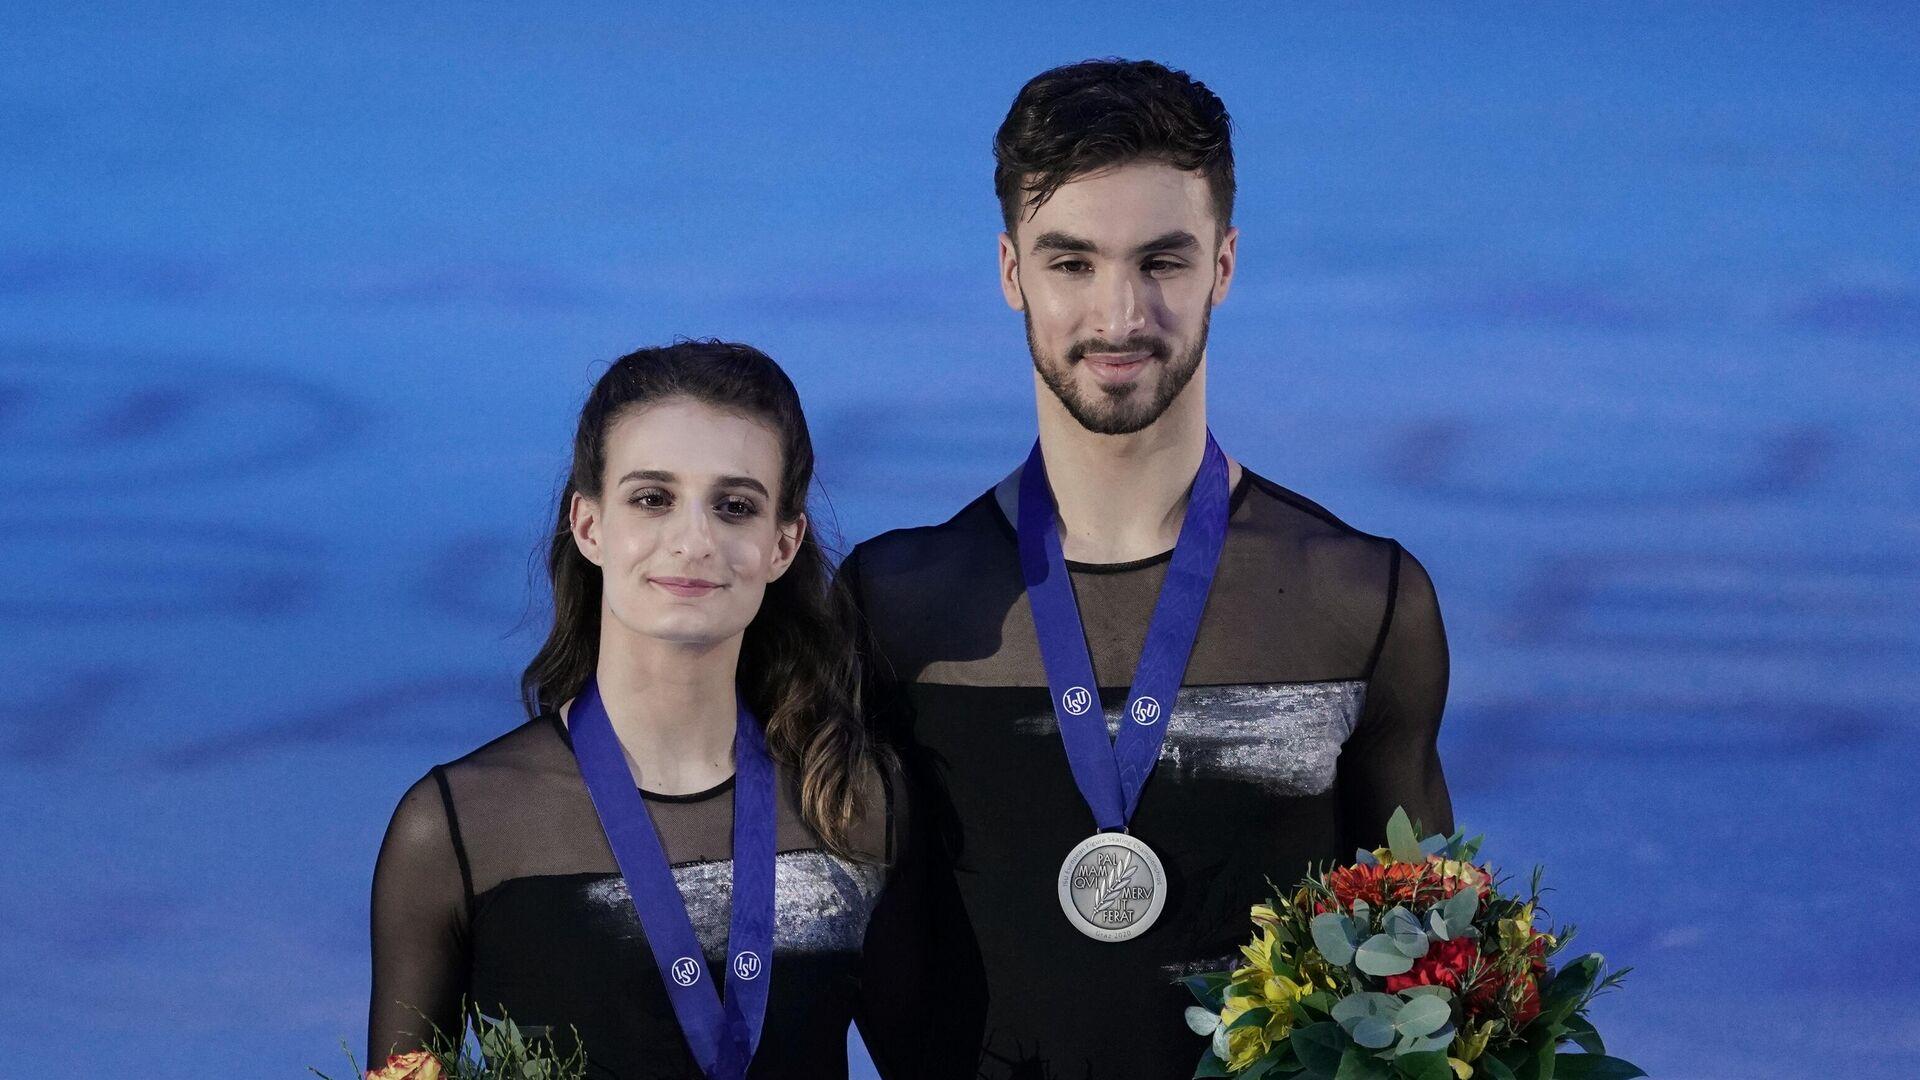 Габриэлла Пападакис и Гийом Сизерон (Франция), завоевавшие серебряные медали в танцах на льду чемпионата Европы по фигурному катанию, на церемонии награждения. - РИА Новости, 1920, 19.01.2021